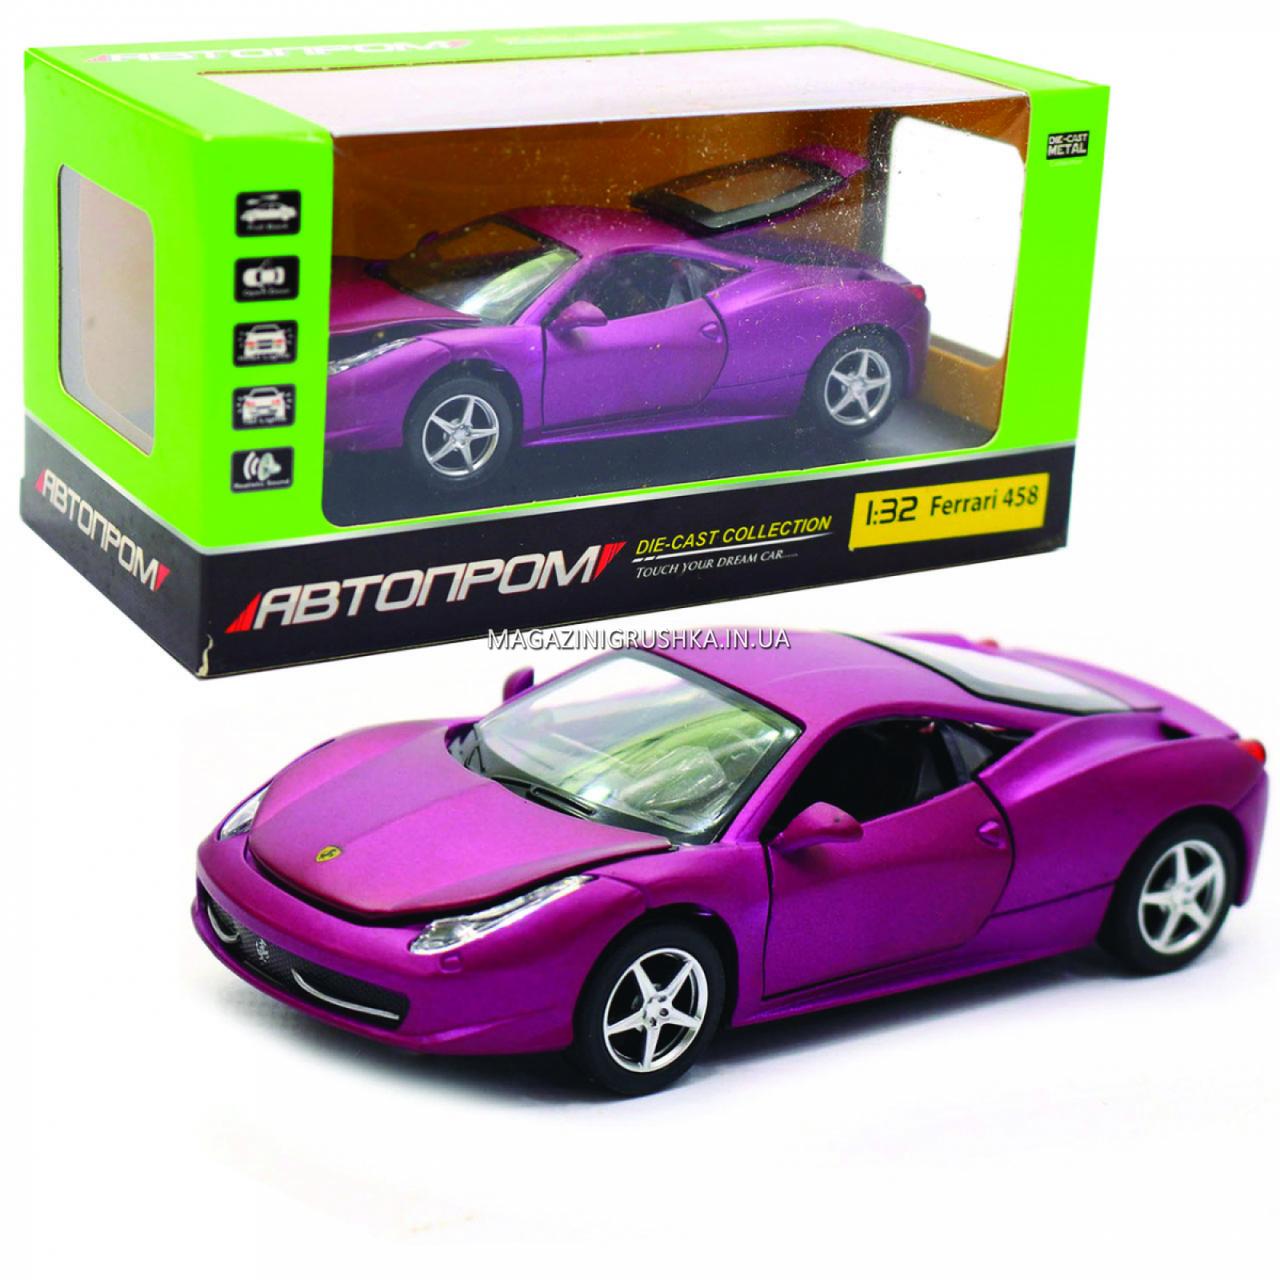 Машинка ігрова автопром «Ferrari 458» метал, 14 см, світло, звук, двері відкриваються (3201C)